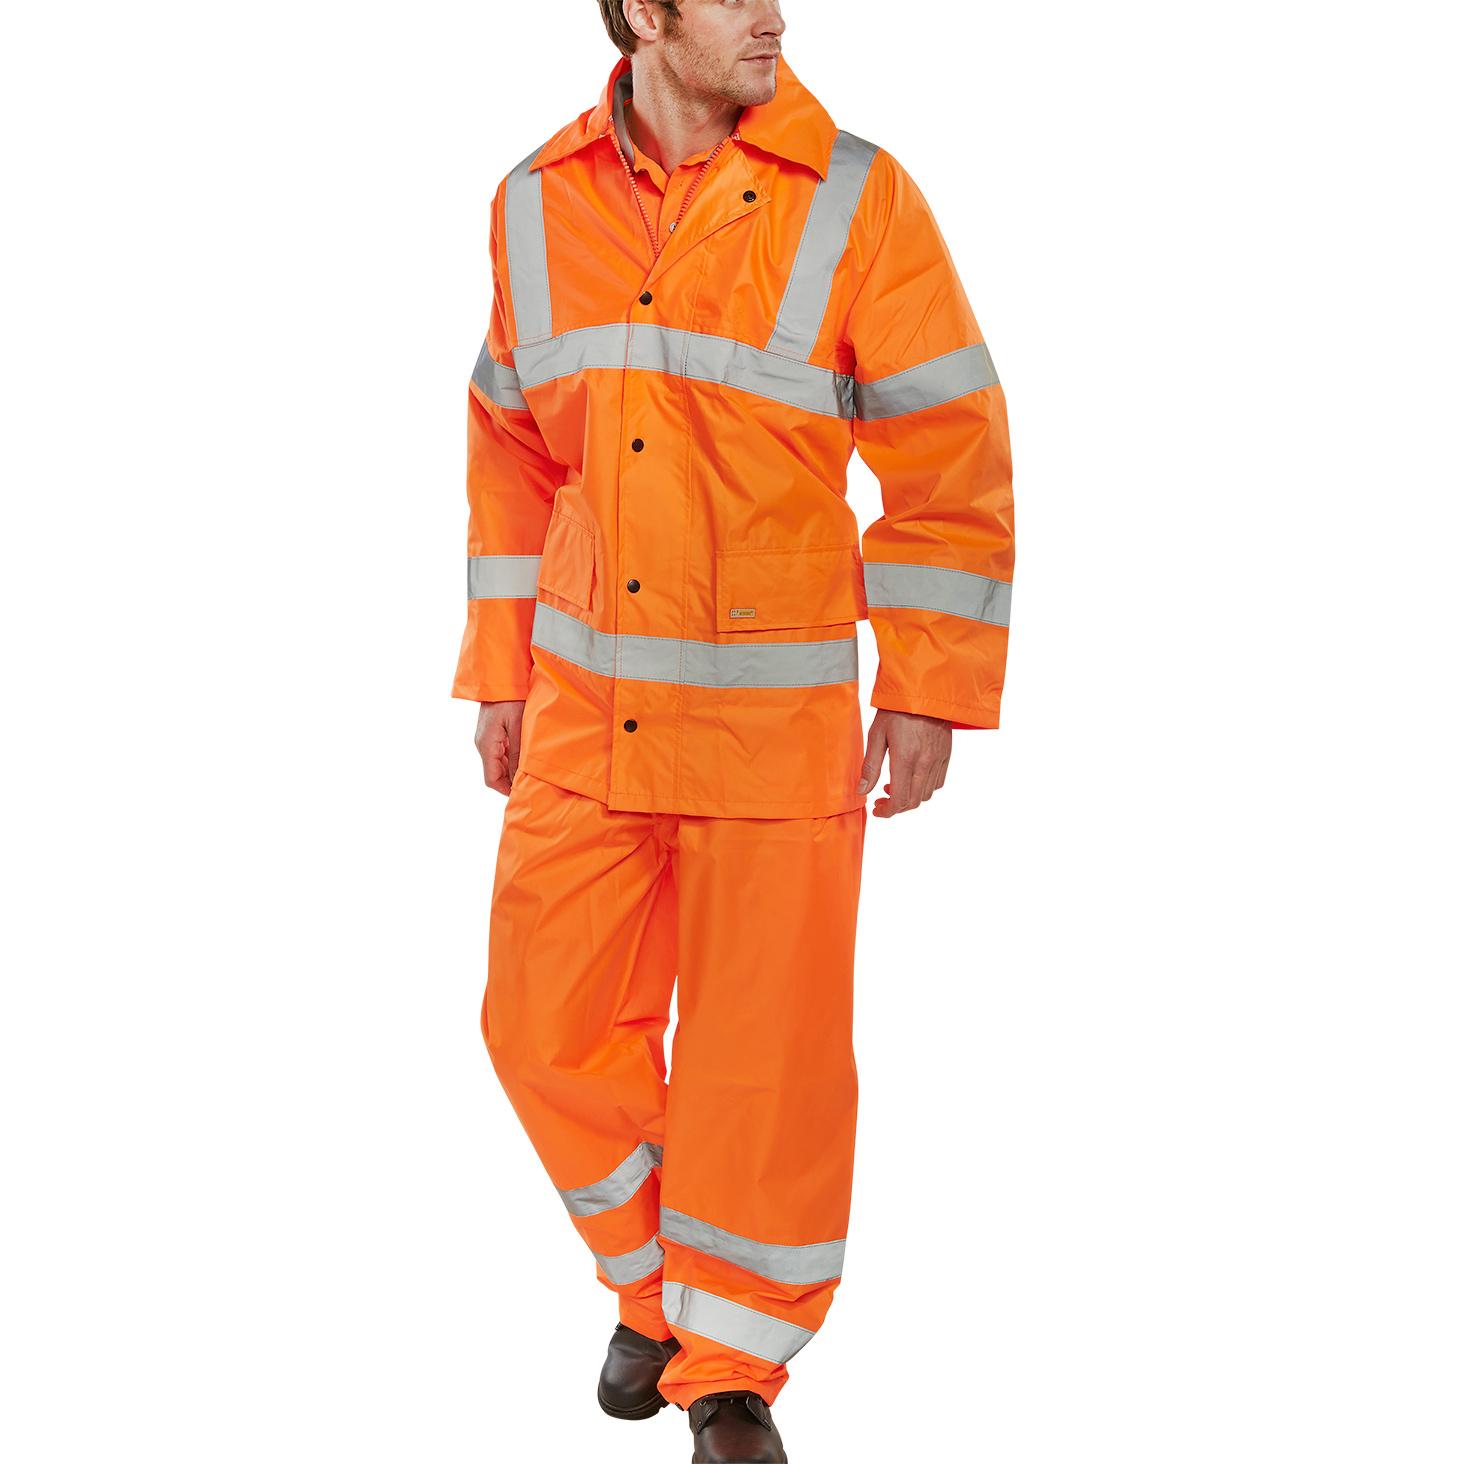 BSeen Hi-Vis L/Wt Suit Jkt/Trs EN ISO 20471 EN 343 5XL Orange Ref TS8OR5XL *Up to 3 Day Leadtime*